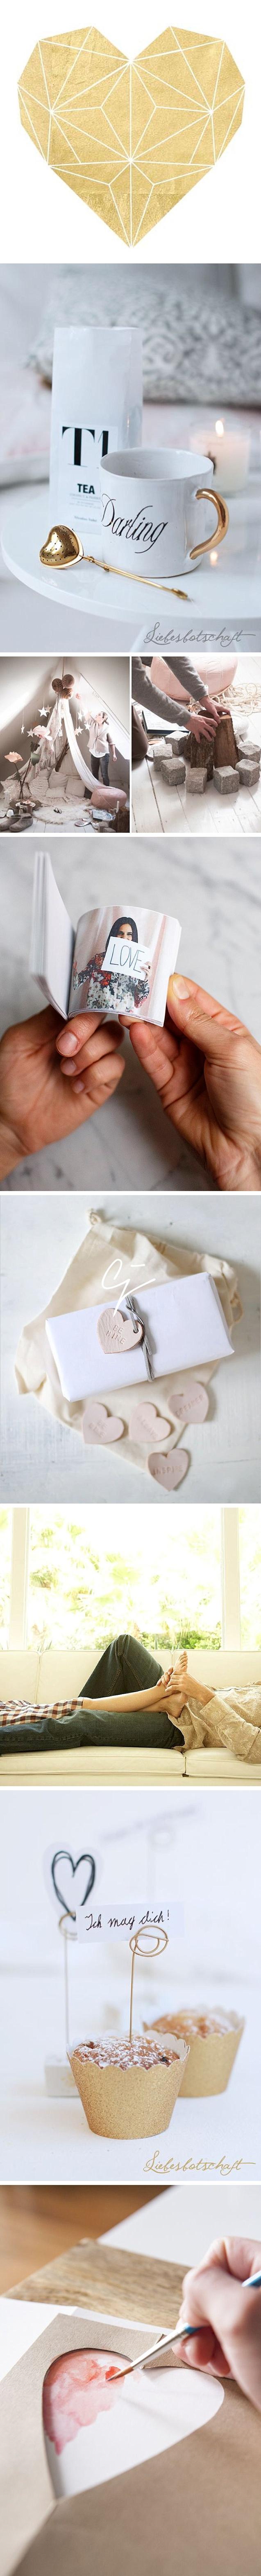 Valentinstag Ideen Geschenke Inspirationen Liebe